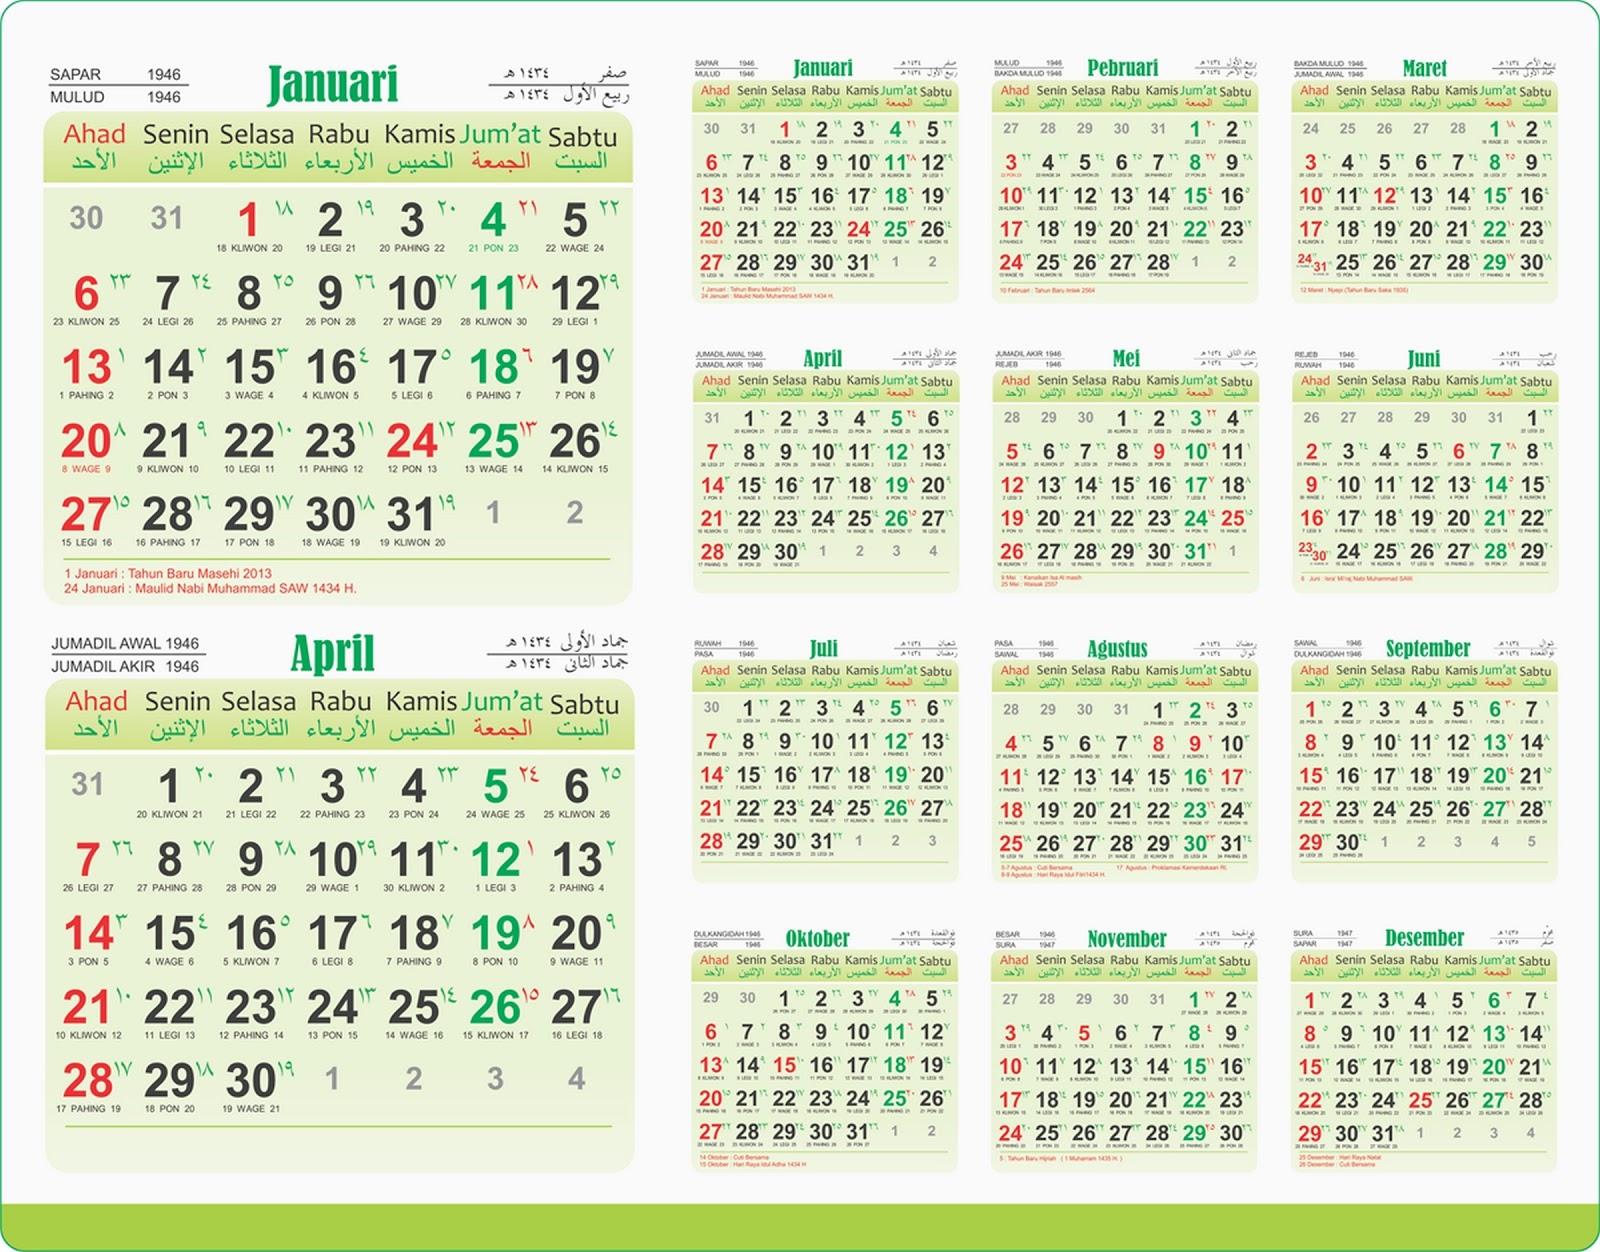 bagi yang sedang membutuhkan kalender 2013 silahkan di sundul .